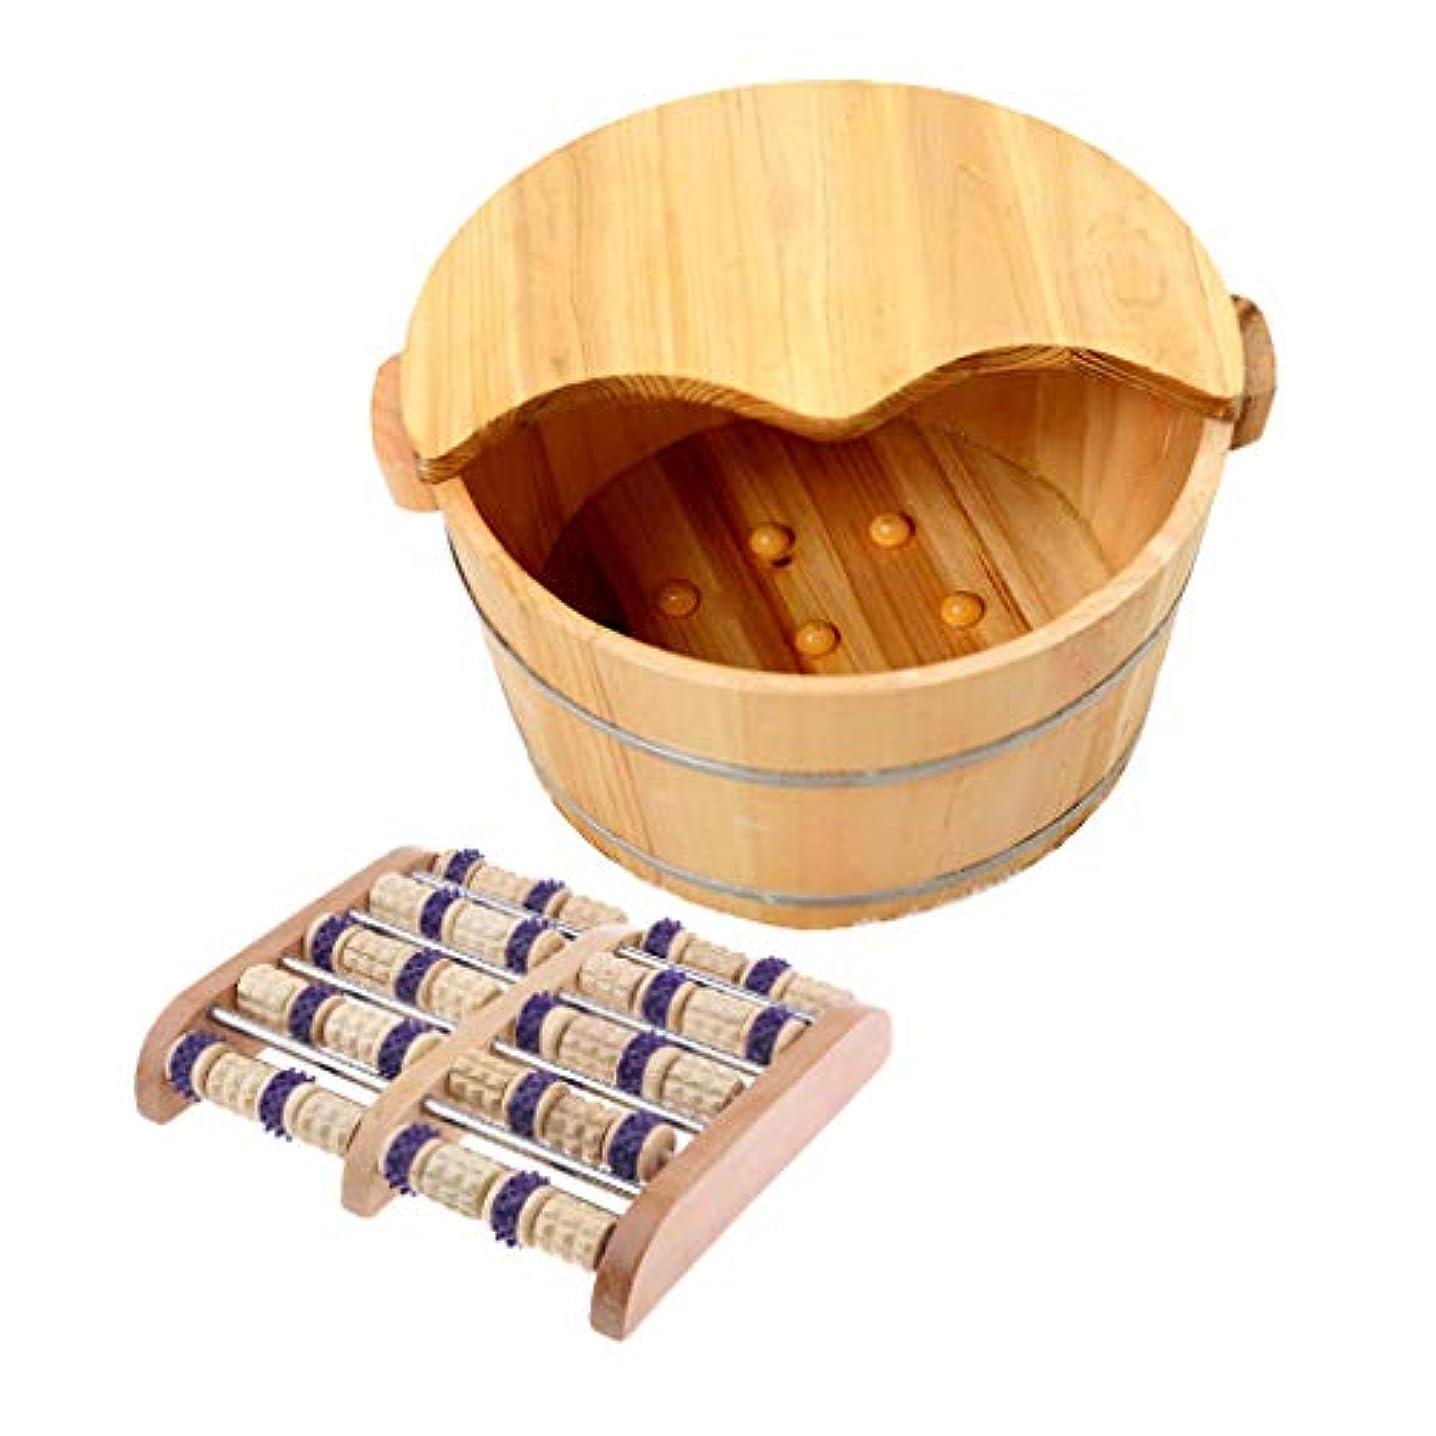 に関して事実上ライドCUTICATE 足つぼマッサージ器 手作りウッドフットマッサー 木製の足の洗面台付き 足裏 ツボ押 血行促進